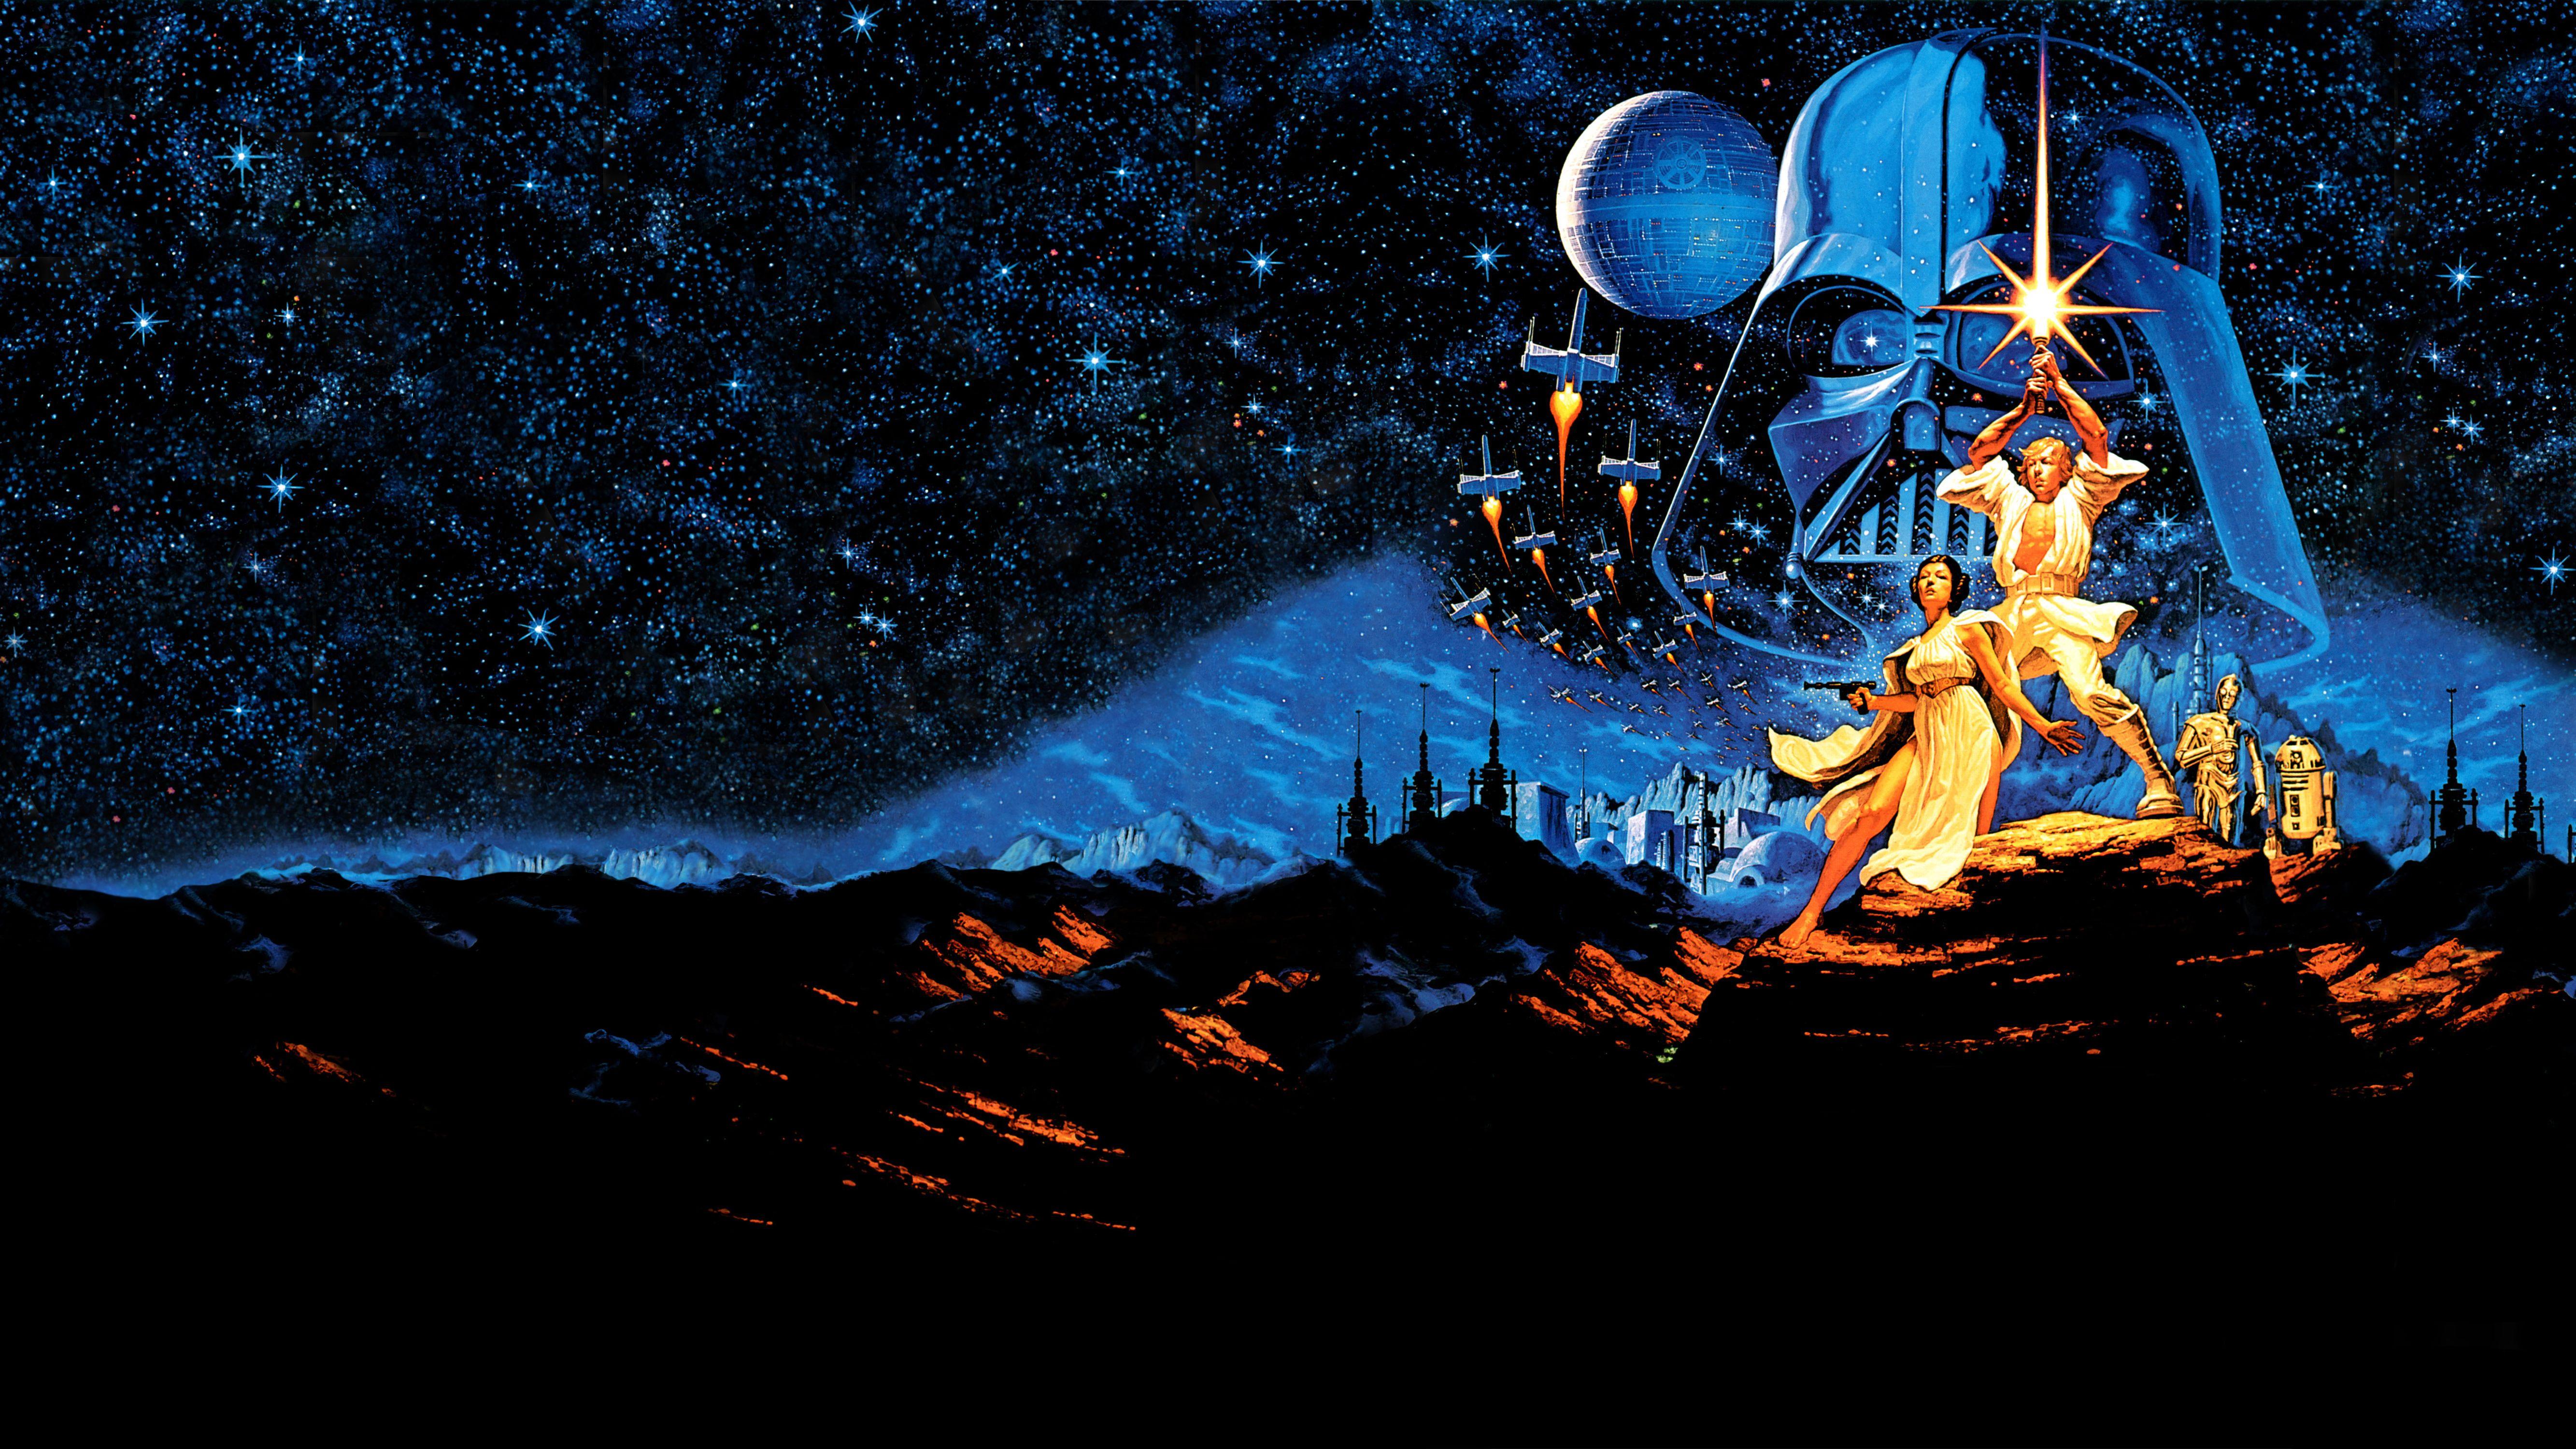 Star Wars 4k Wallpapers Trumpwallpapers